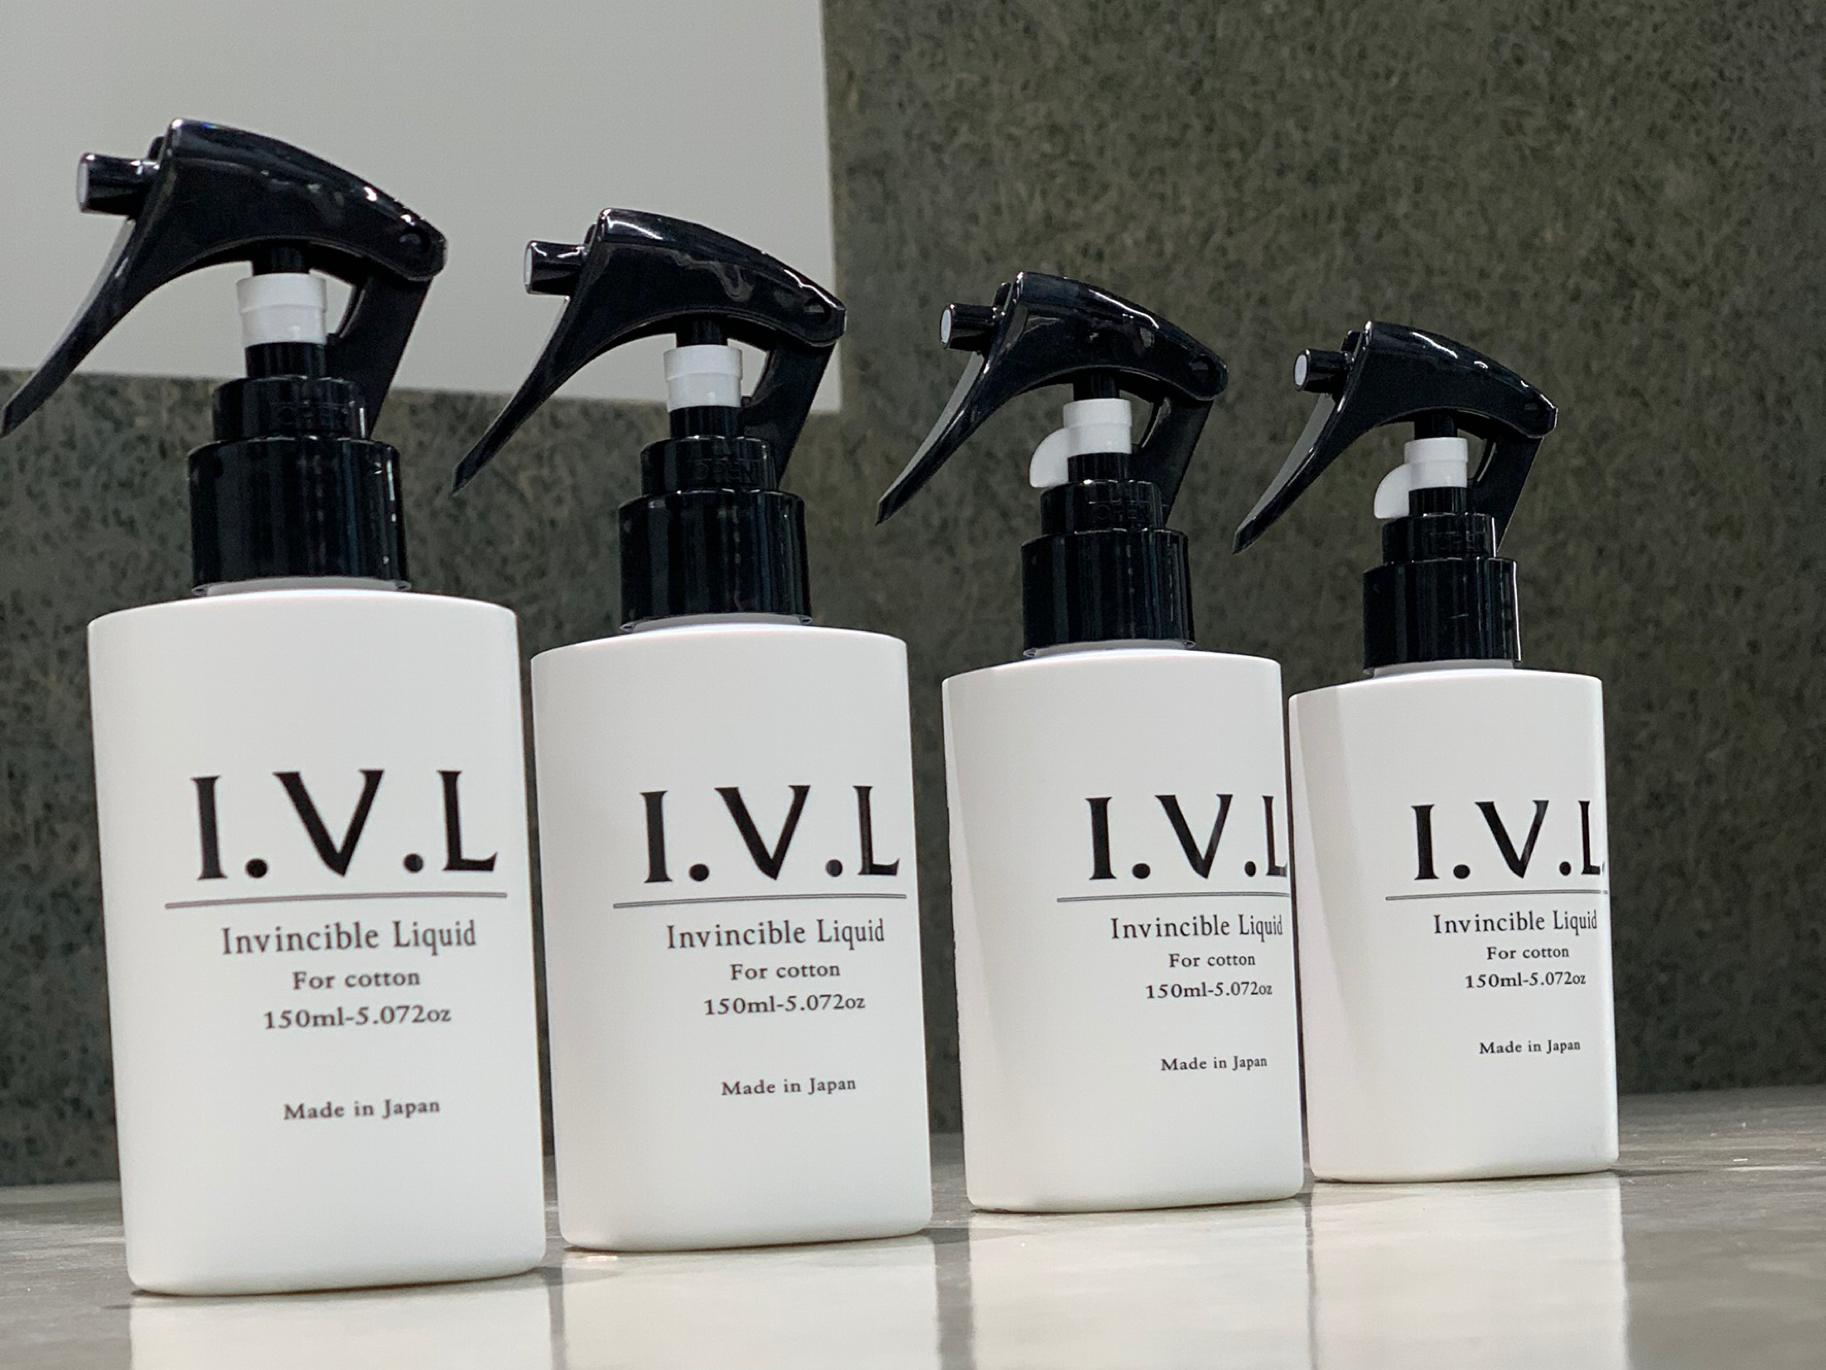 I.V.Lコーティングのイメージ